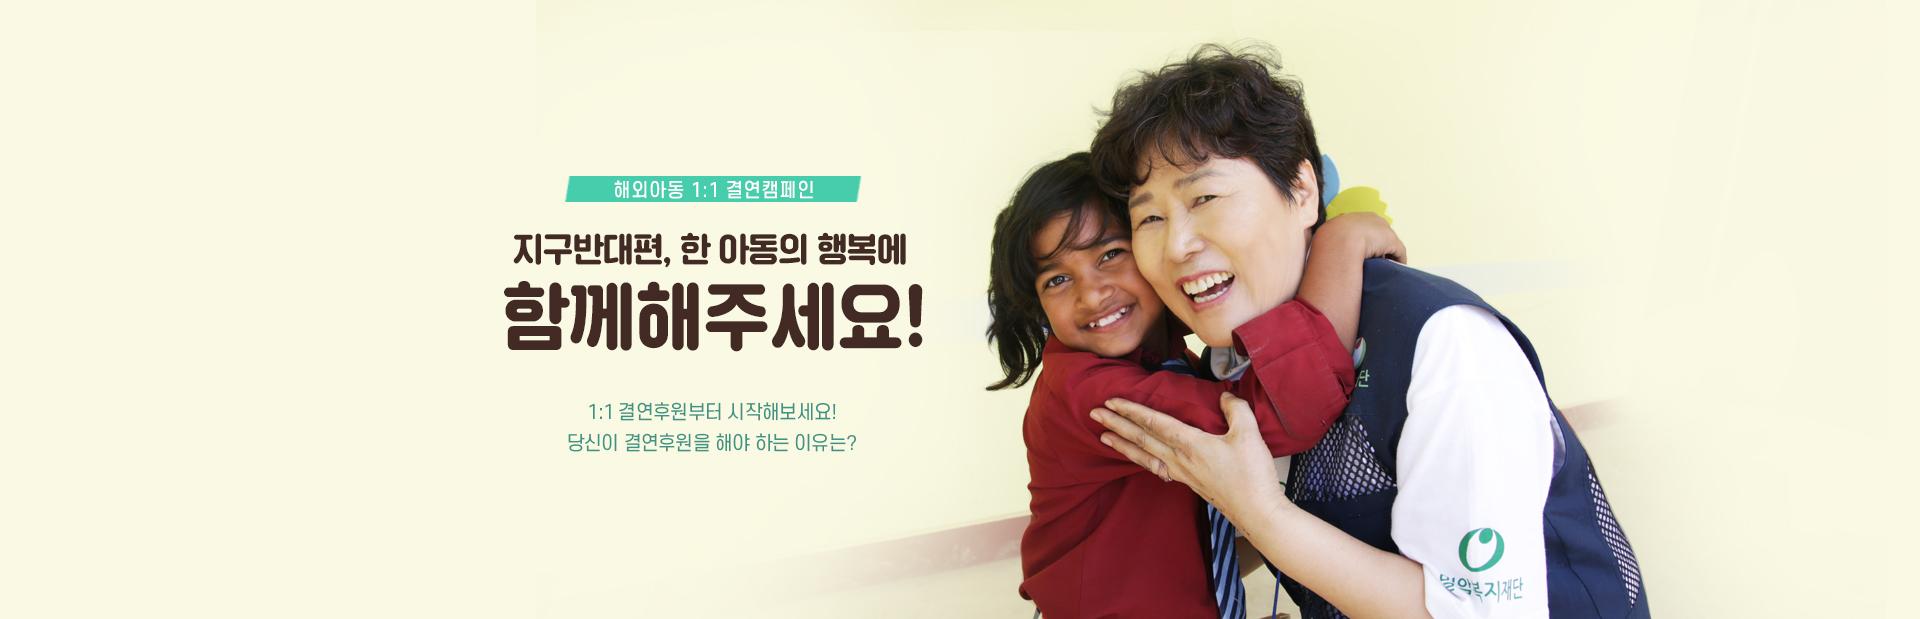 해외아동 1:1 결연캠페인. 지구반대편, 한 아동의 행복에 함께해주세요